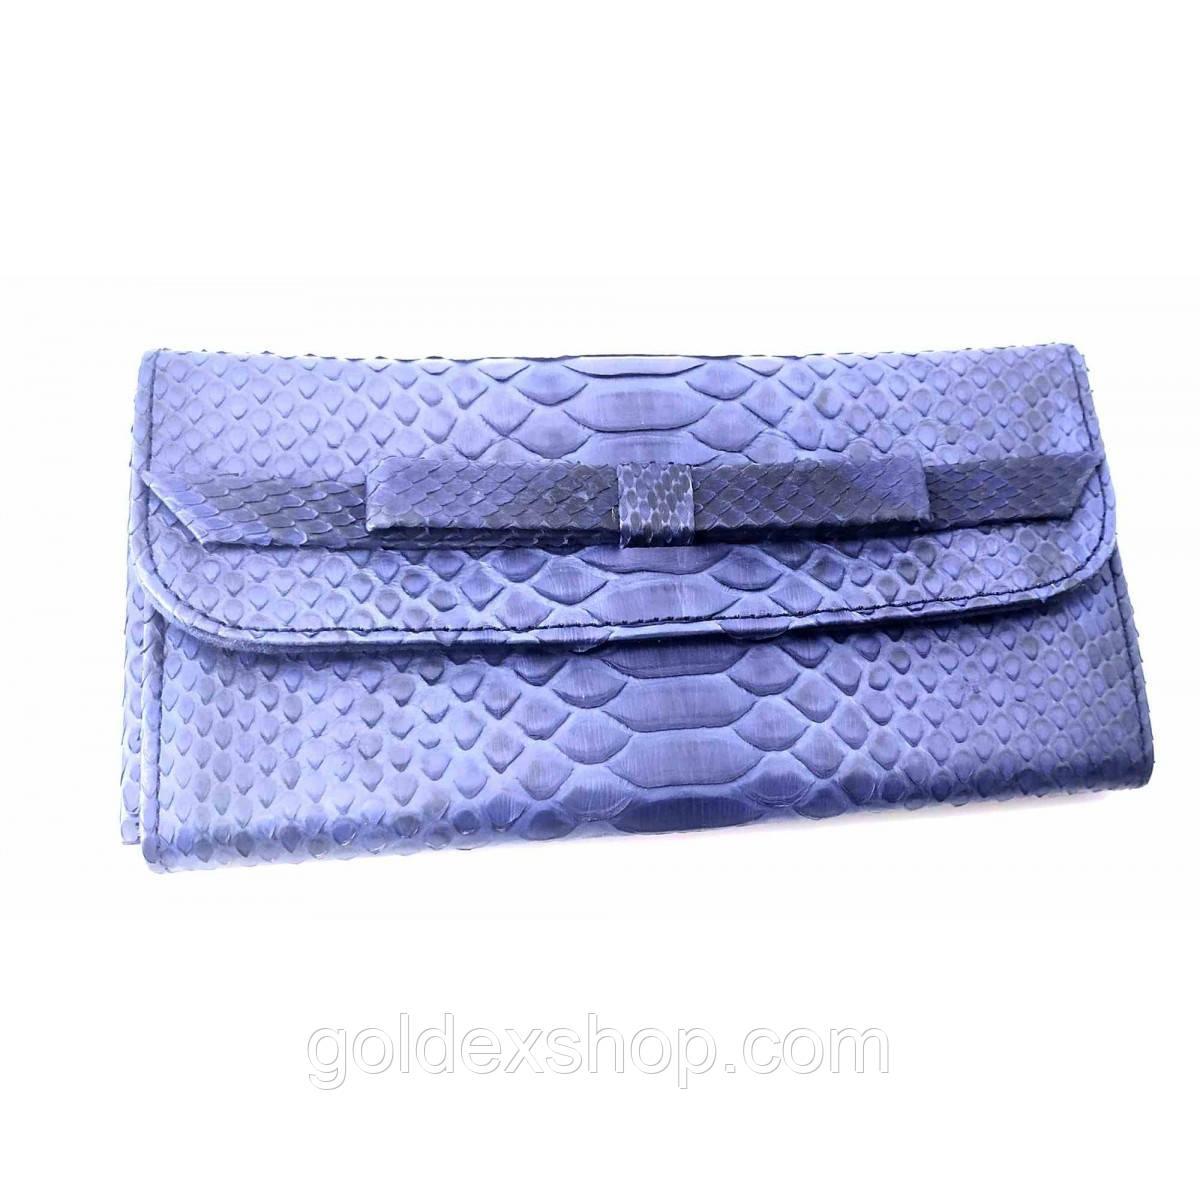 Кошелек клатч из кожи питона синий (30х11х2 см)